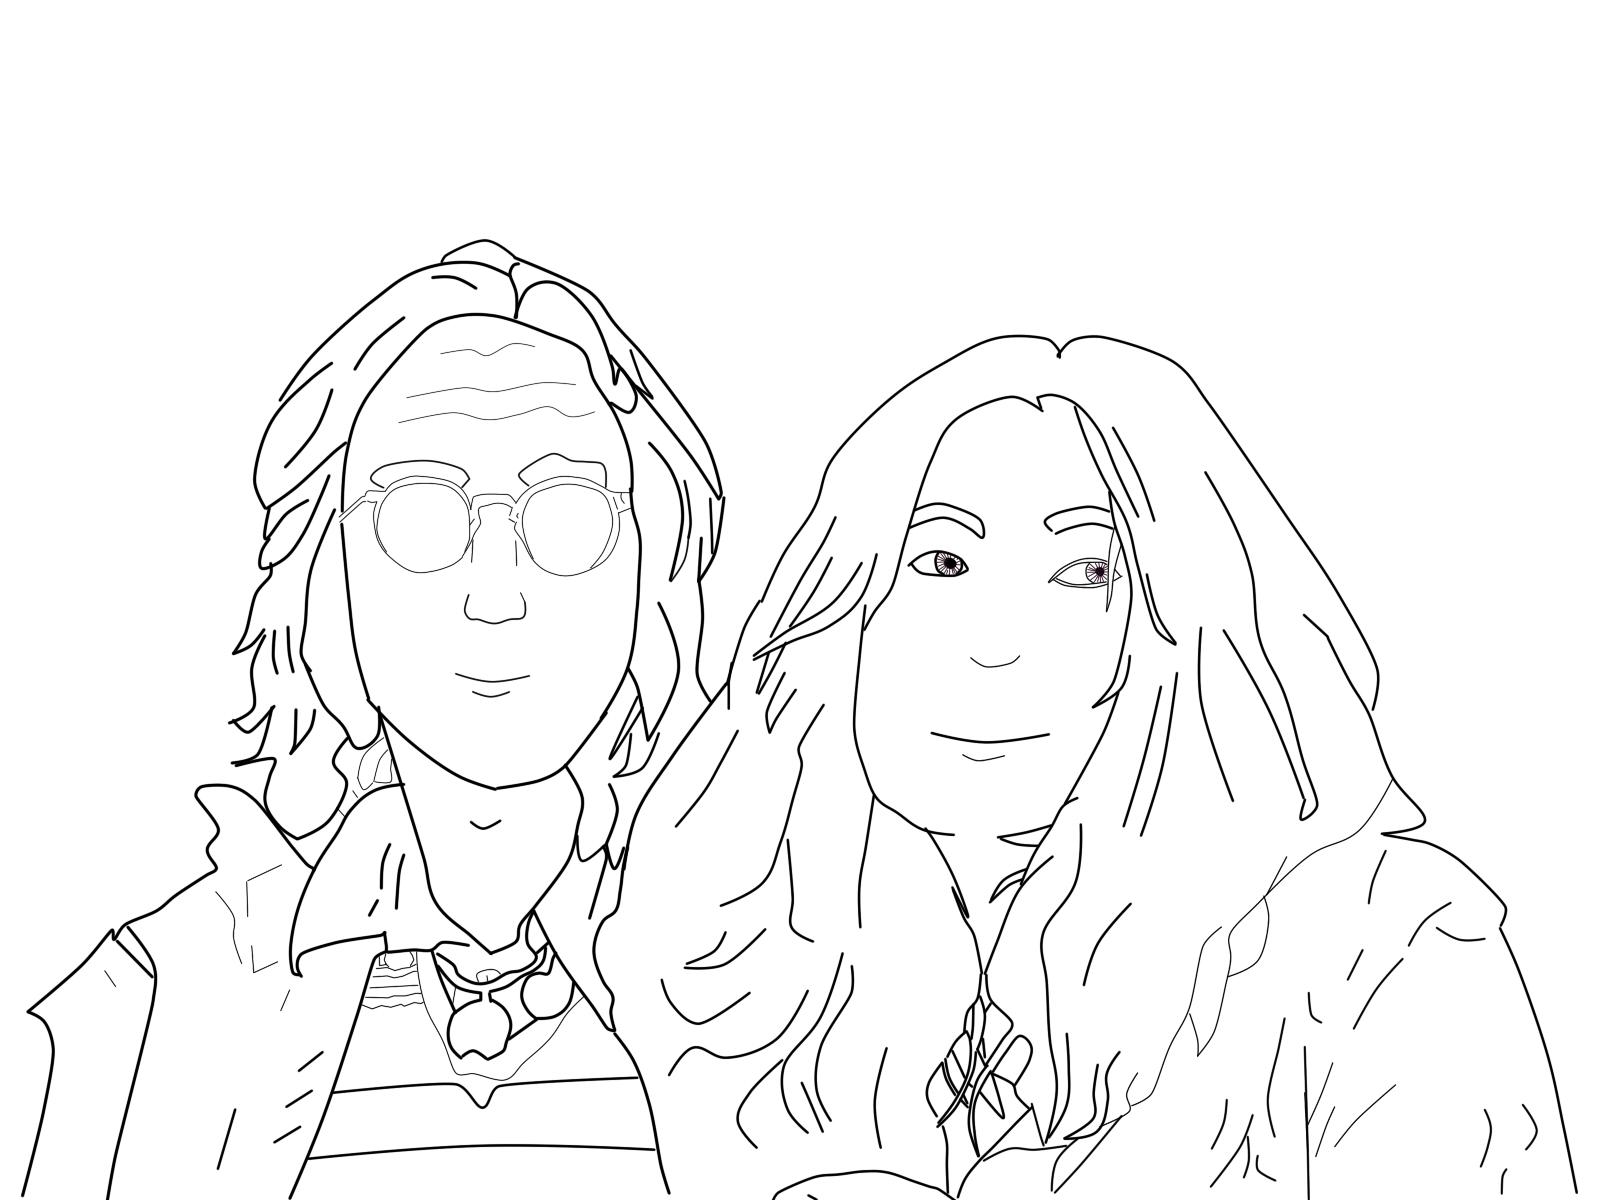 1966 Yoko Ono meets John Lennon at a London art gallery ... |Sketches John Lennon And Yoko Ono